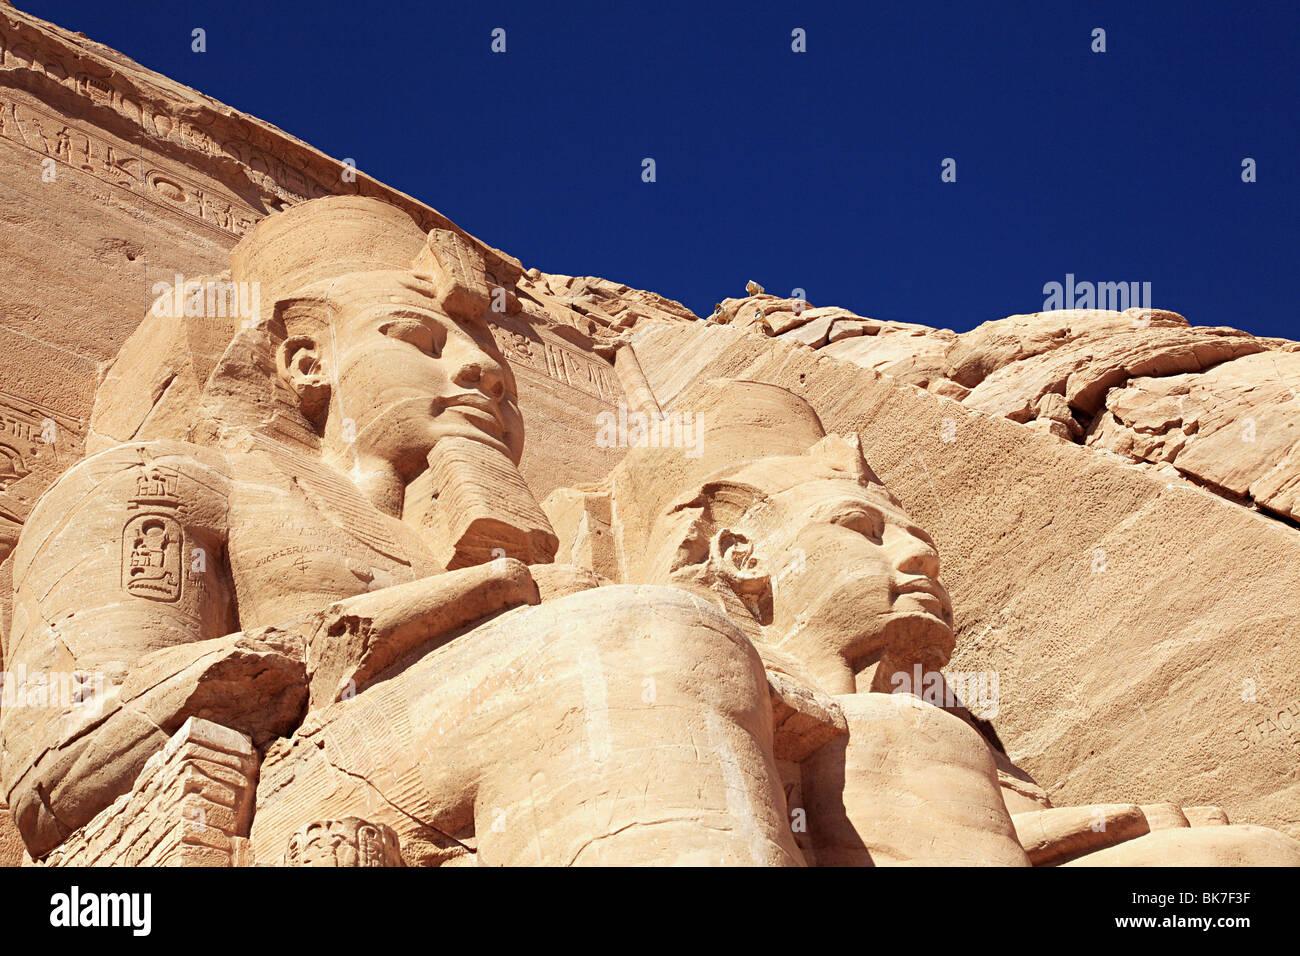 Templo de Abu Simbel, Egipto Imagen De Stock